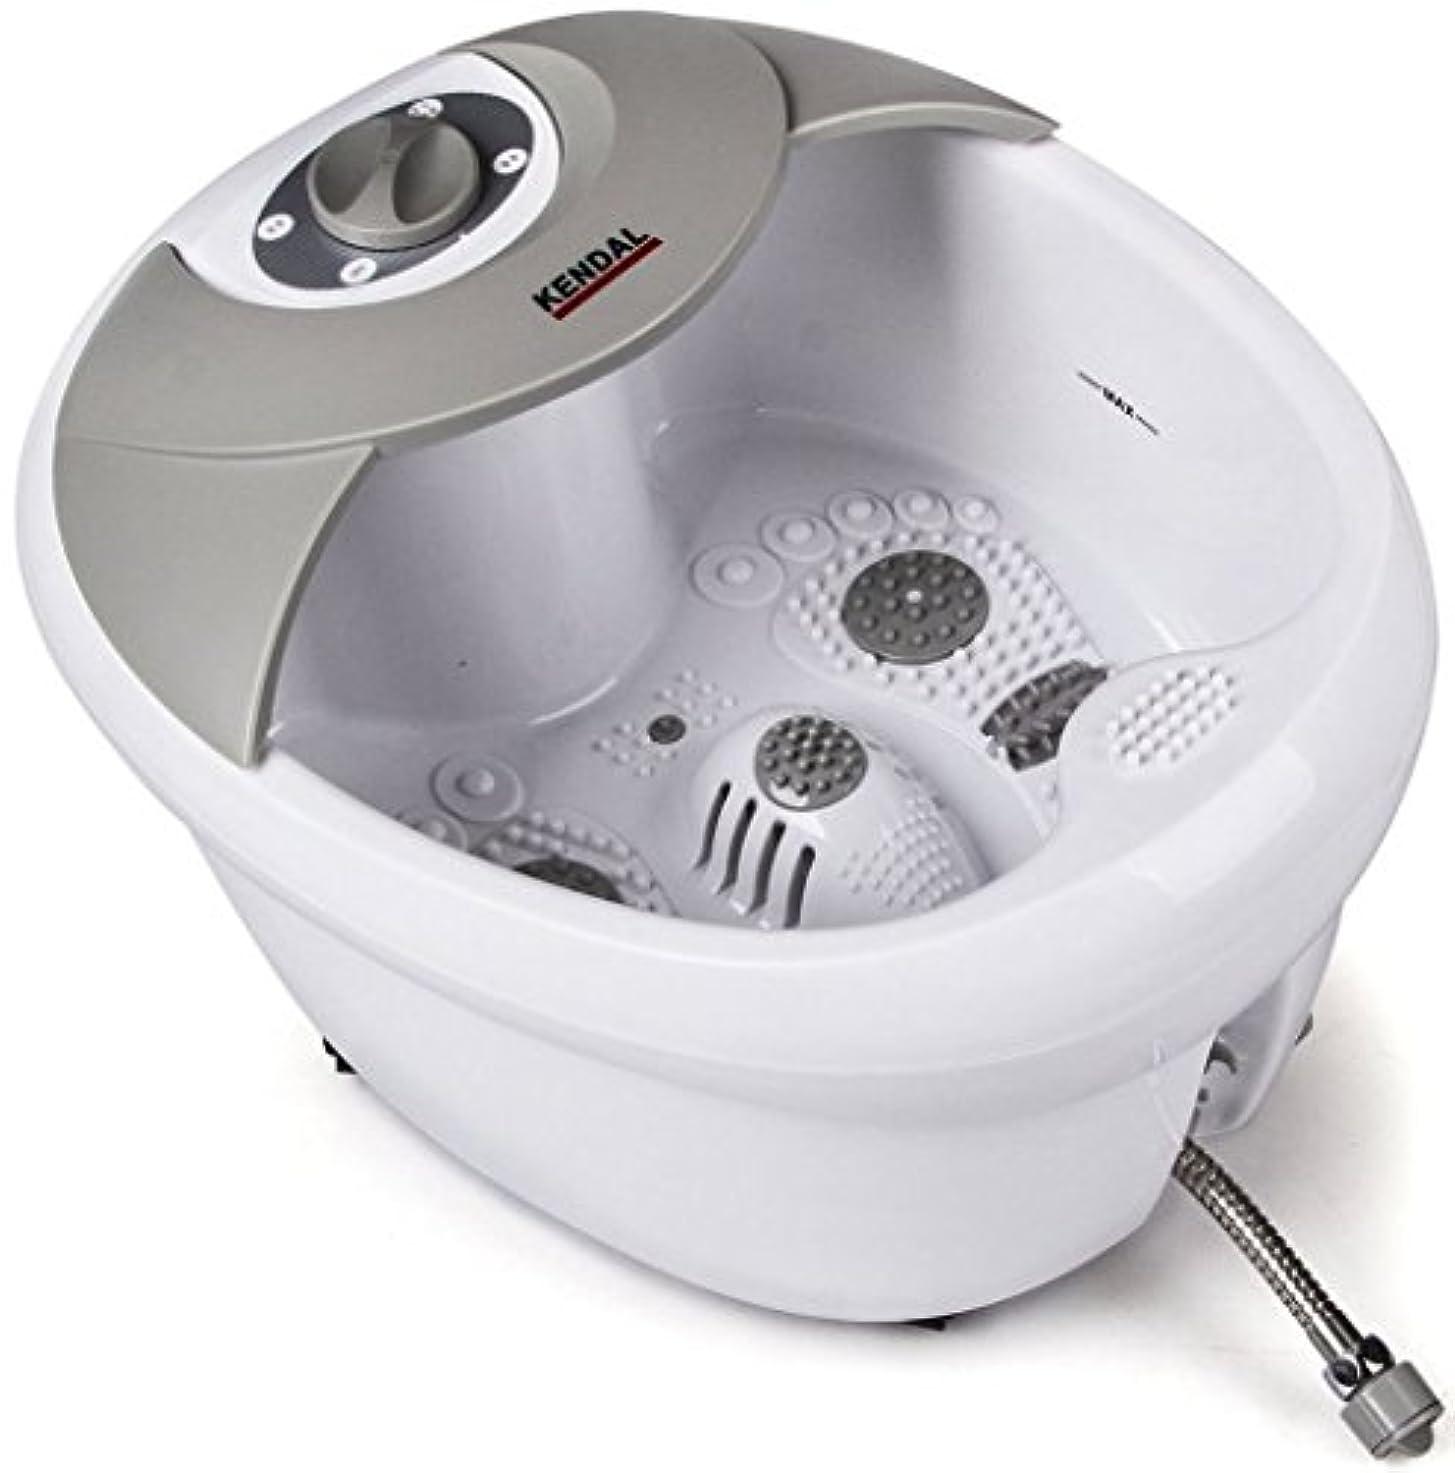 普遍的な美容師引き渡すKendal オールインワン フットスパ バス マッサージャー、加熱機能、高周波振動、赤外線、酸素バブル付 MS0809M (インポート)